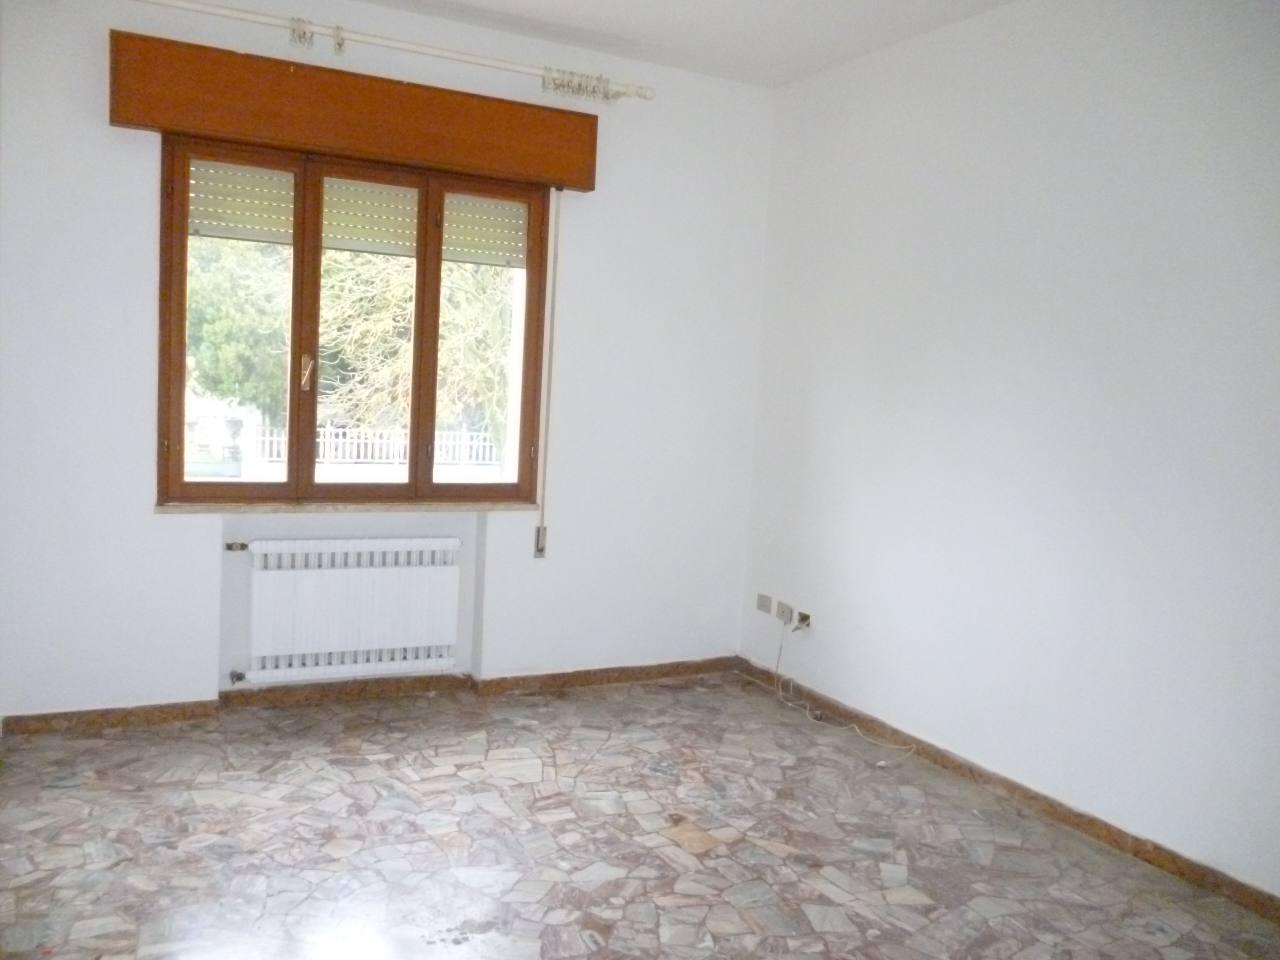 Appartamento in affitto a Ferrara, 1 locali, zona Località: Villa Fulvia, prezzo € 500 | CambioCasa.it